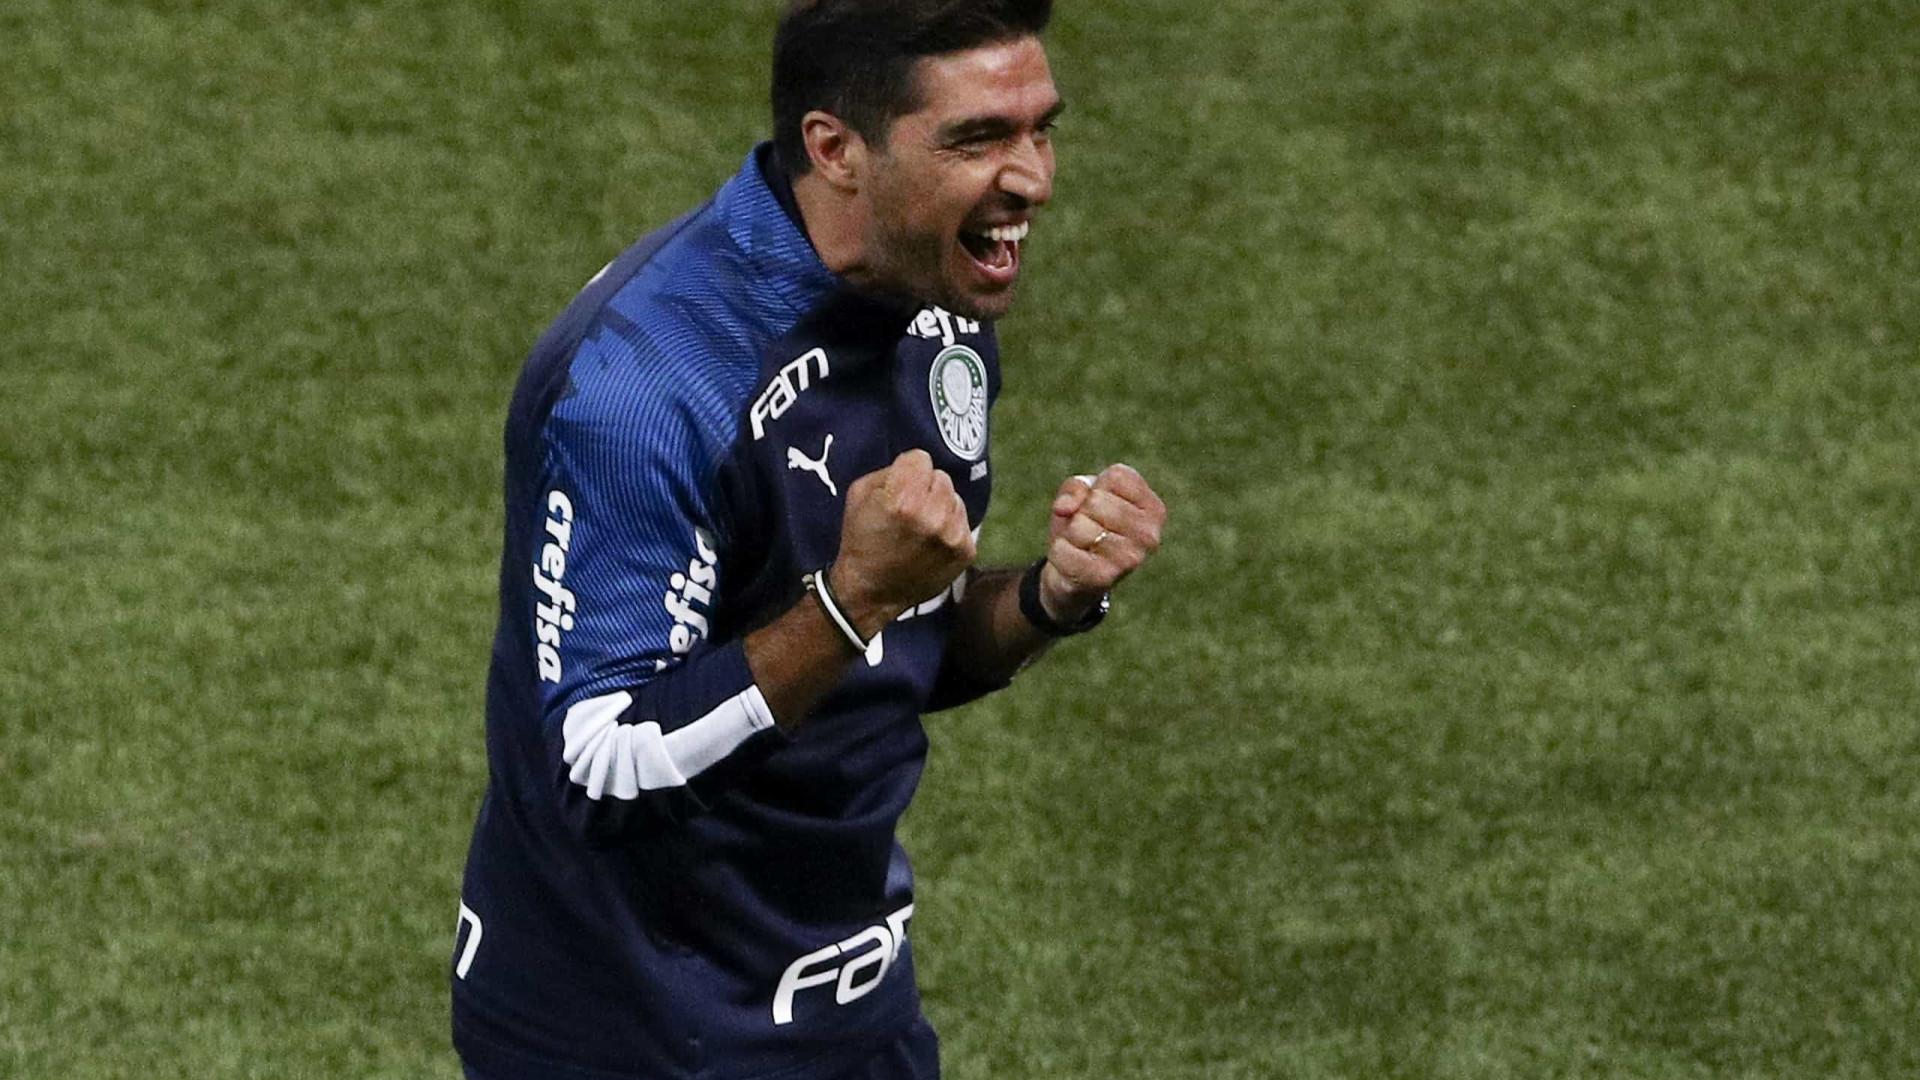 Abel Ferreira descarta saída e afirma que 'formou a melhor equipe' do Palmeiras